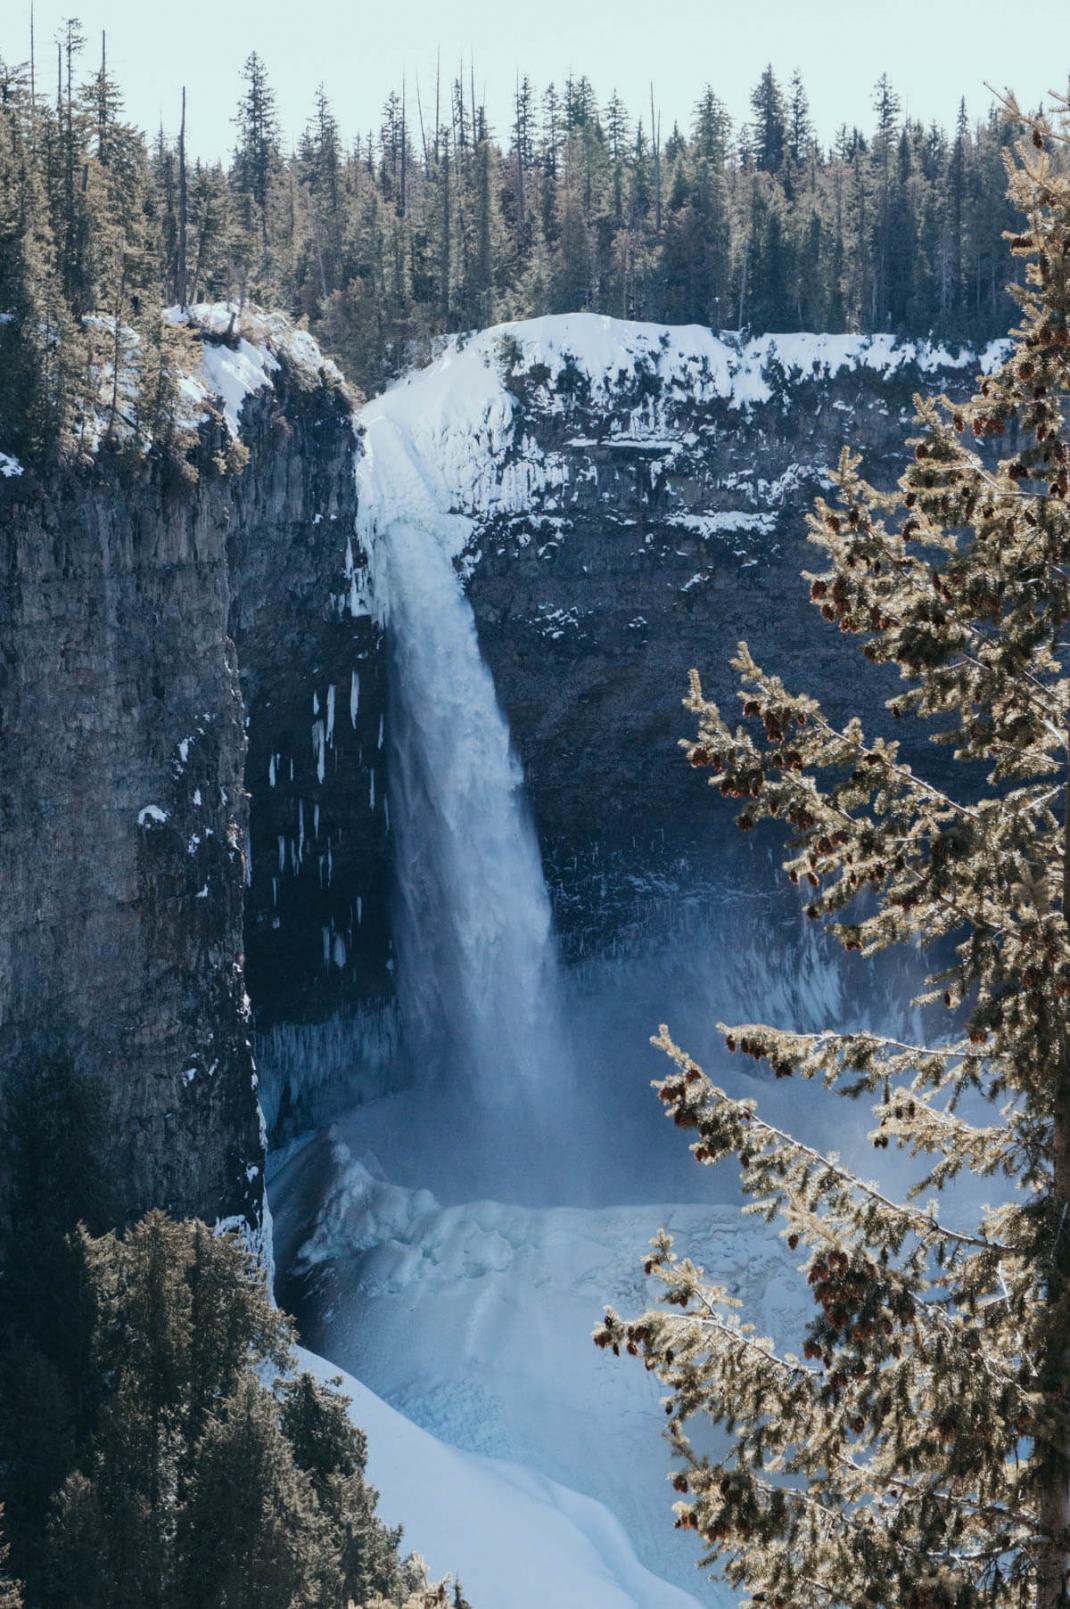 Das kostet der Skiurlaub in Kanada Ein zugefrorener Wasserfall im Wells Gray Provincial Park